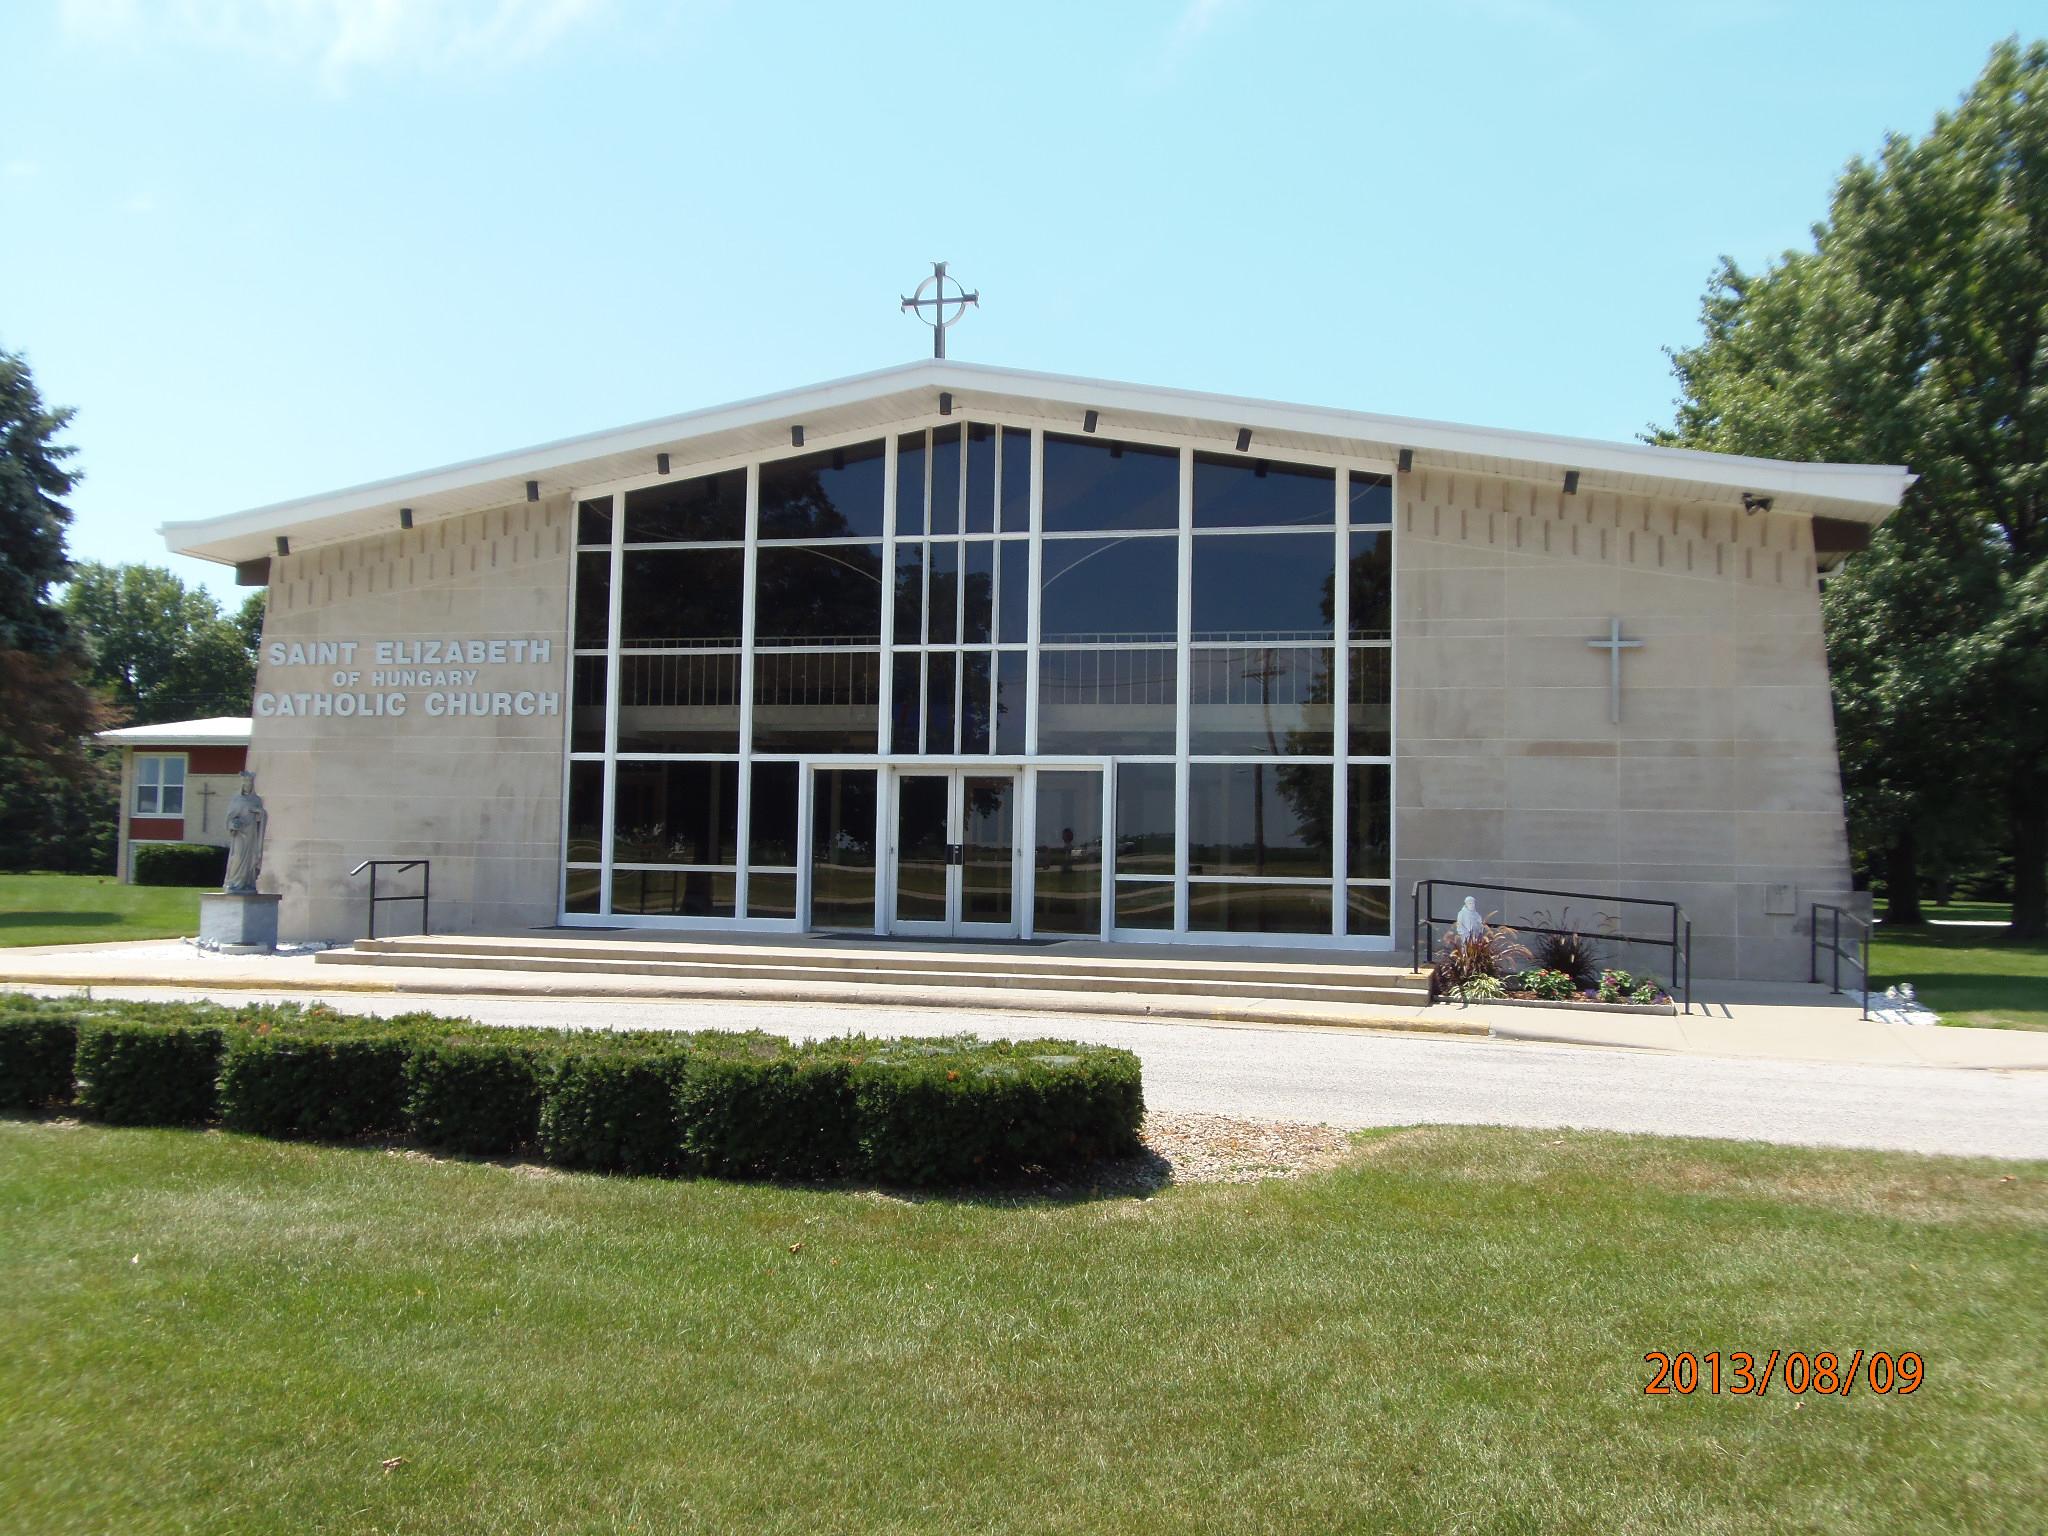 Illinois champaign county thomasboro - Catholic Diocese Of Peoria St Elizabeth Of Hungary Thomasboro Catholic Diocese Of Peoria